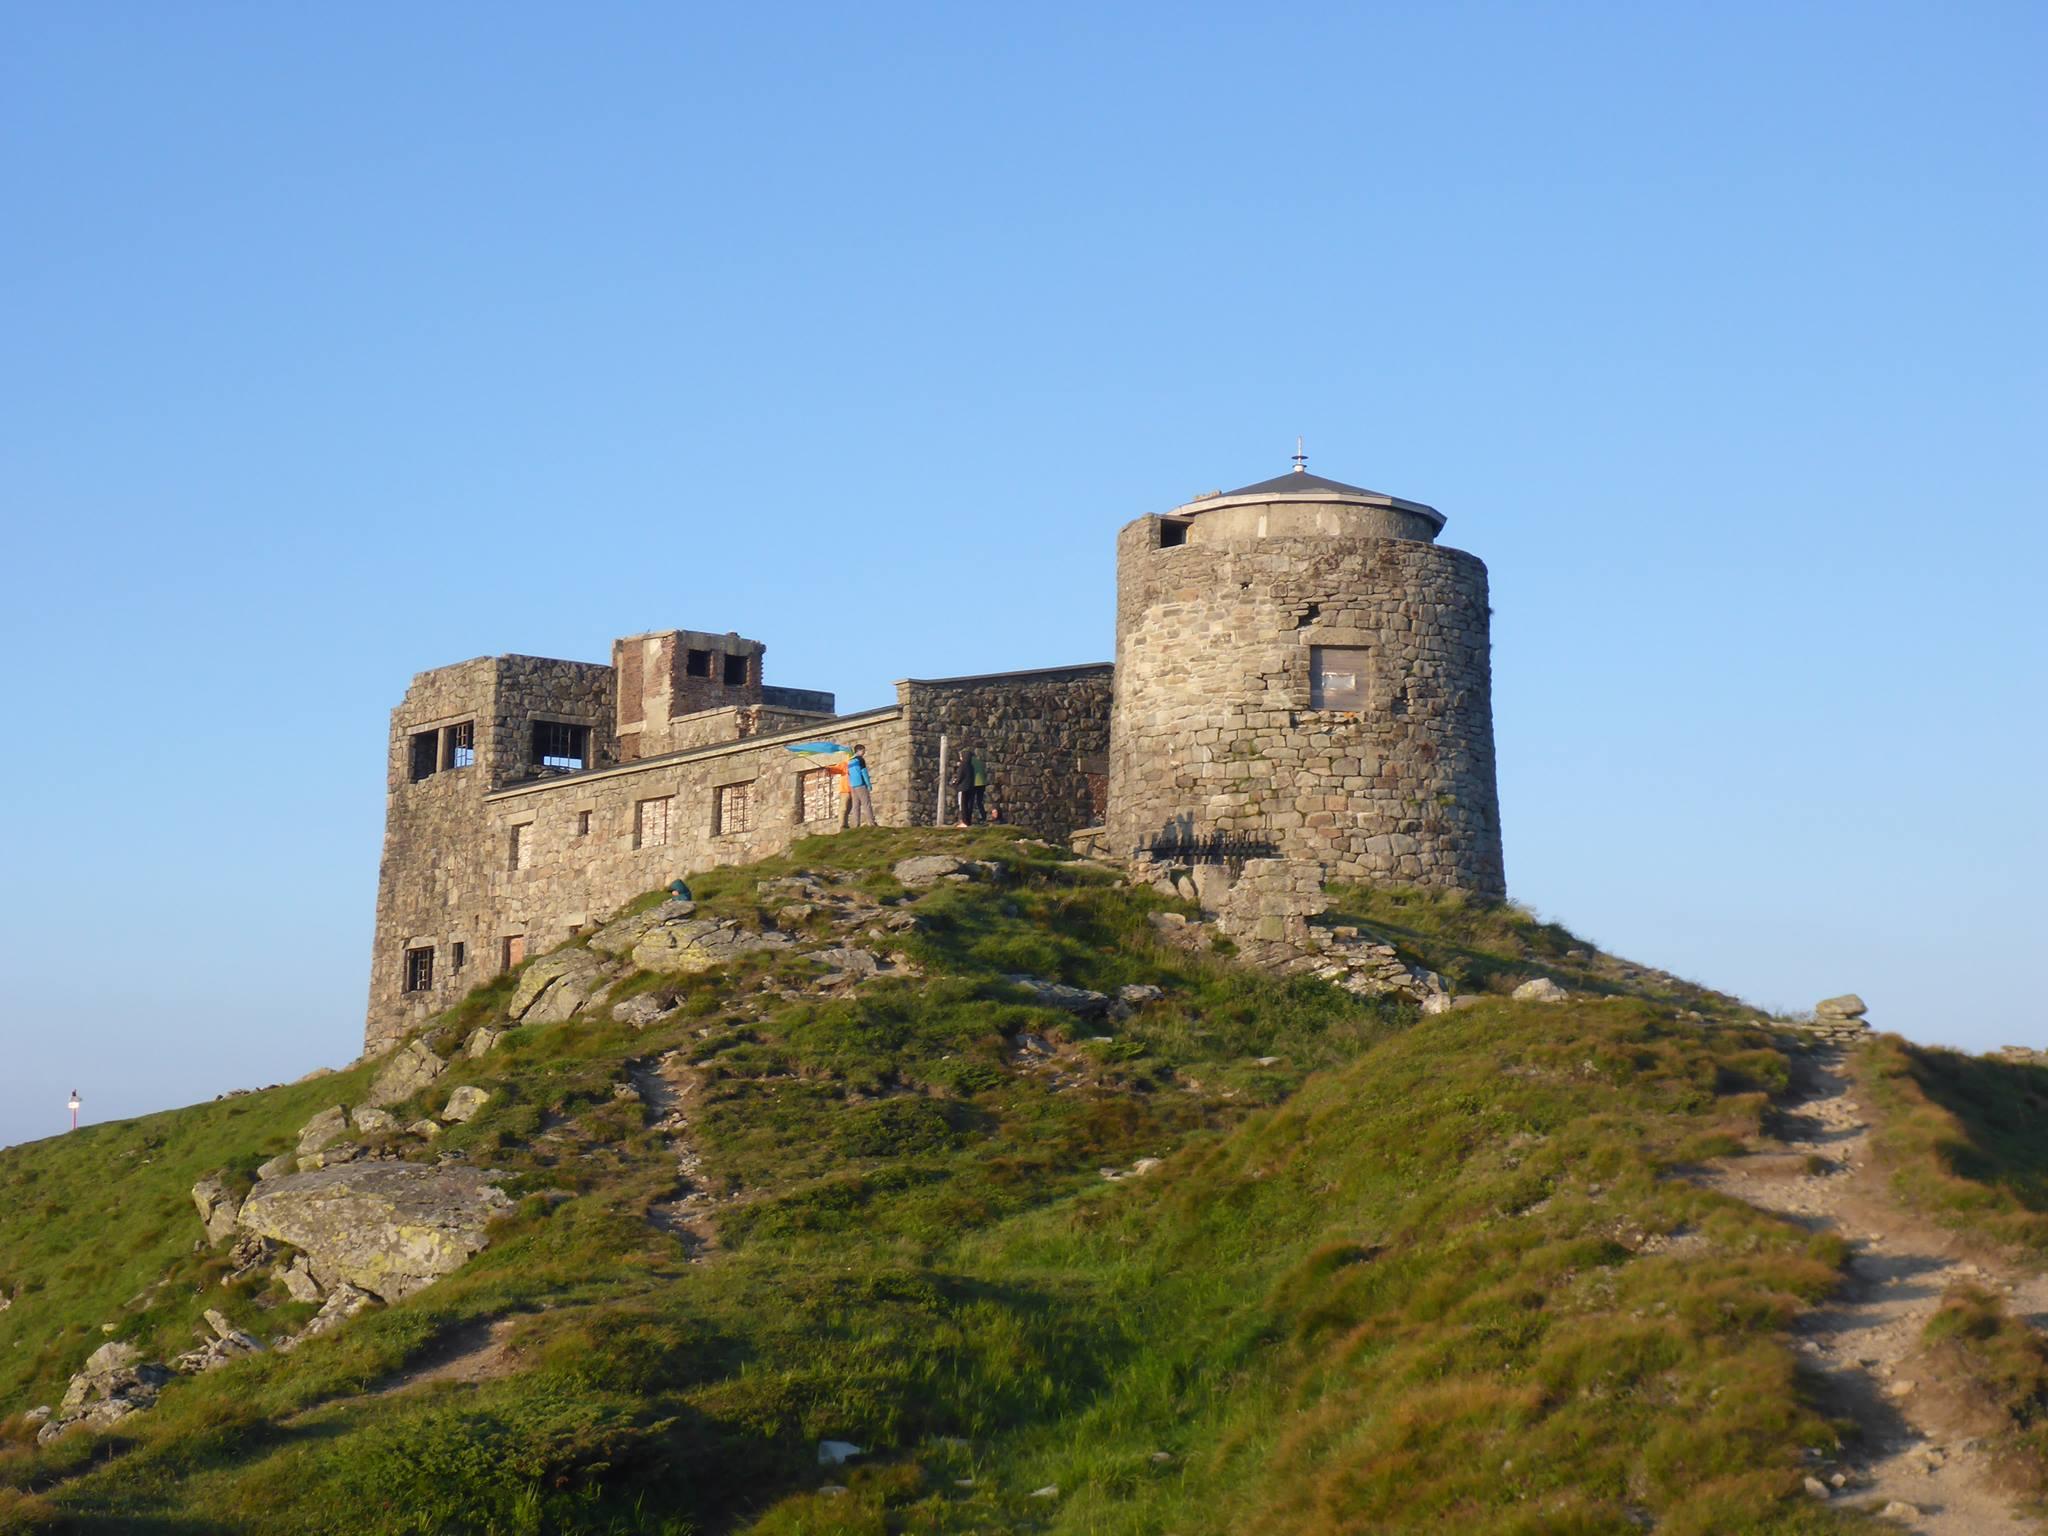 Nous atteignons le Pip Ivan (Prince Ivan en français), un ancien observatoire à l'abandon. Il est le bâtiment le plus haut perché du pays